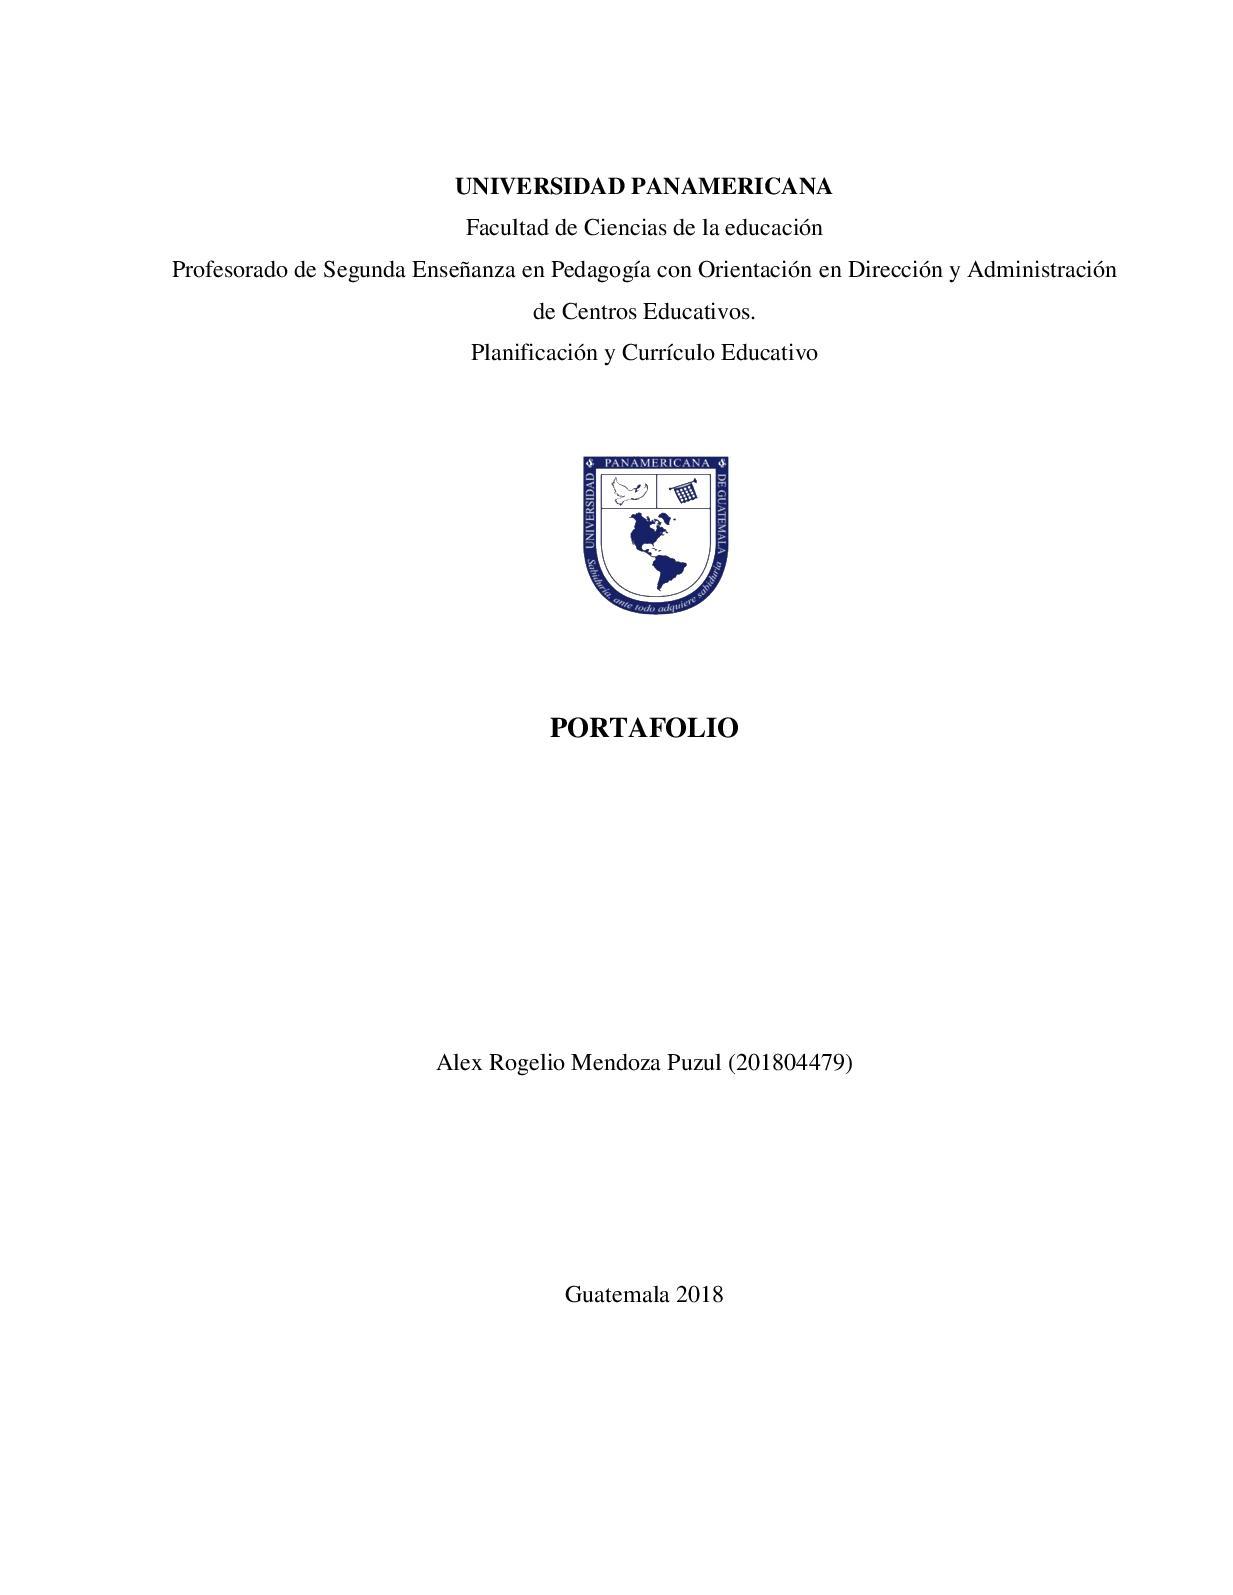 Portafolio Planificacion Y Curriculo Educativa 2018